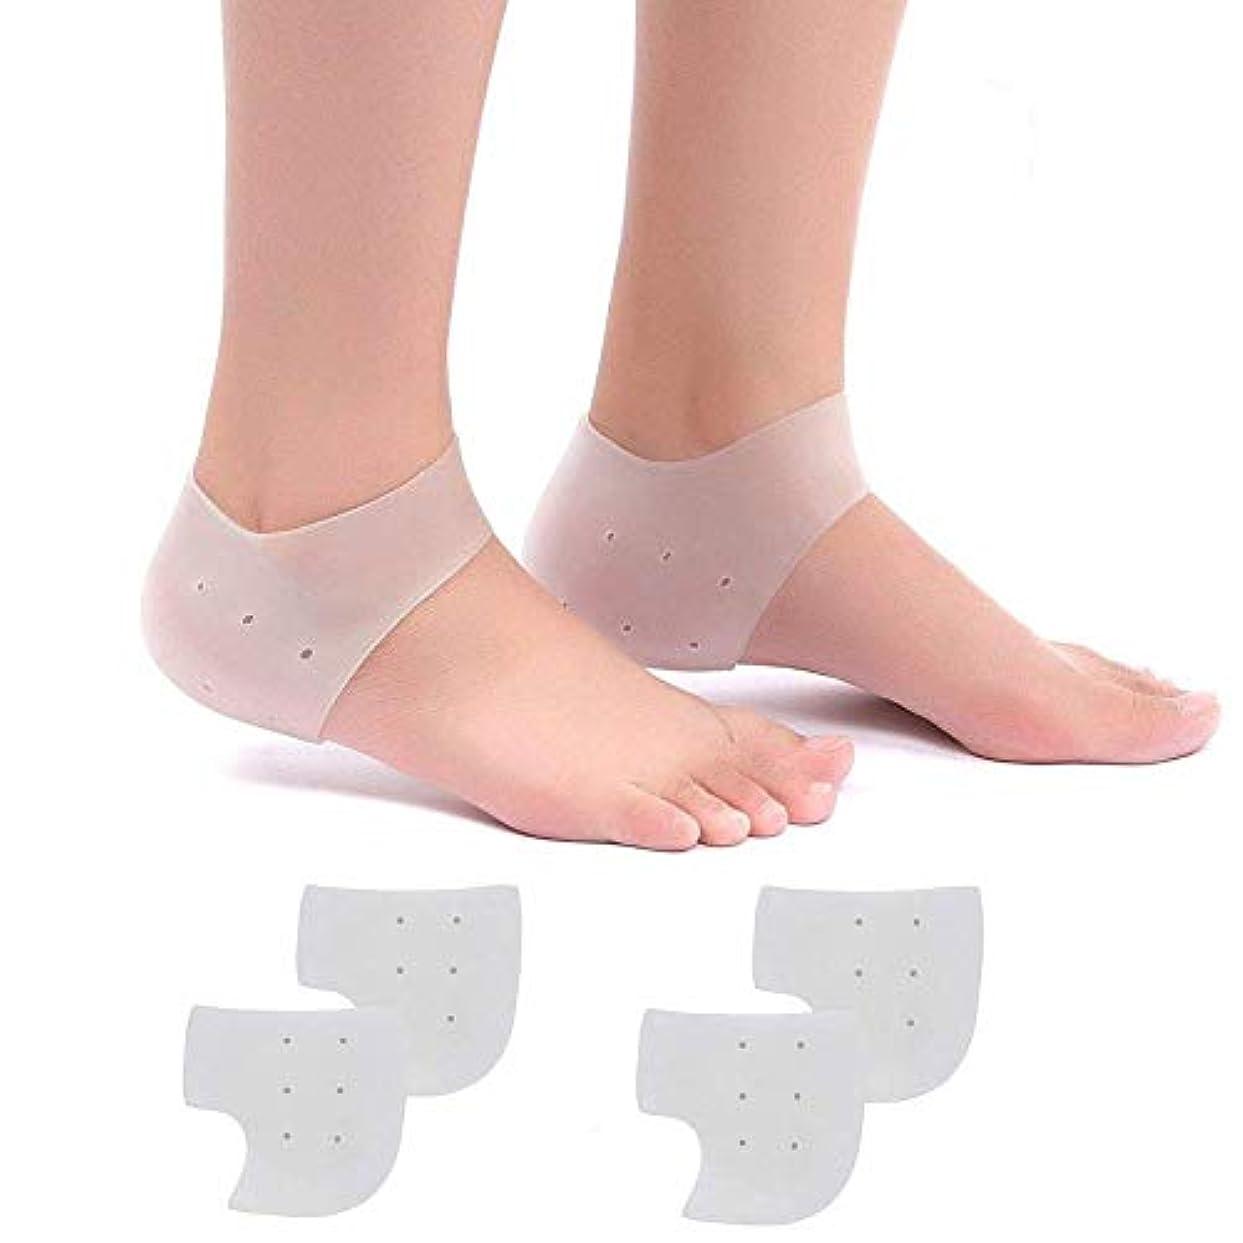 苦しめるくまみぞれシリコーンヒールスリーブ通気性シリコーンヒールカップ保護パッドの10組、ドライかかとを修復し、足底筋膜炎/アキレス腱/腱/ヒールスパー/かかとの痛みを軽減することができます